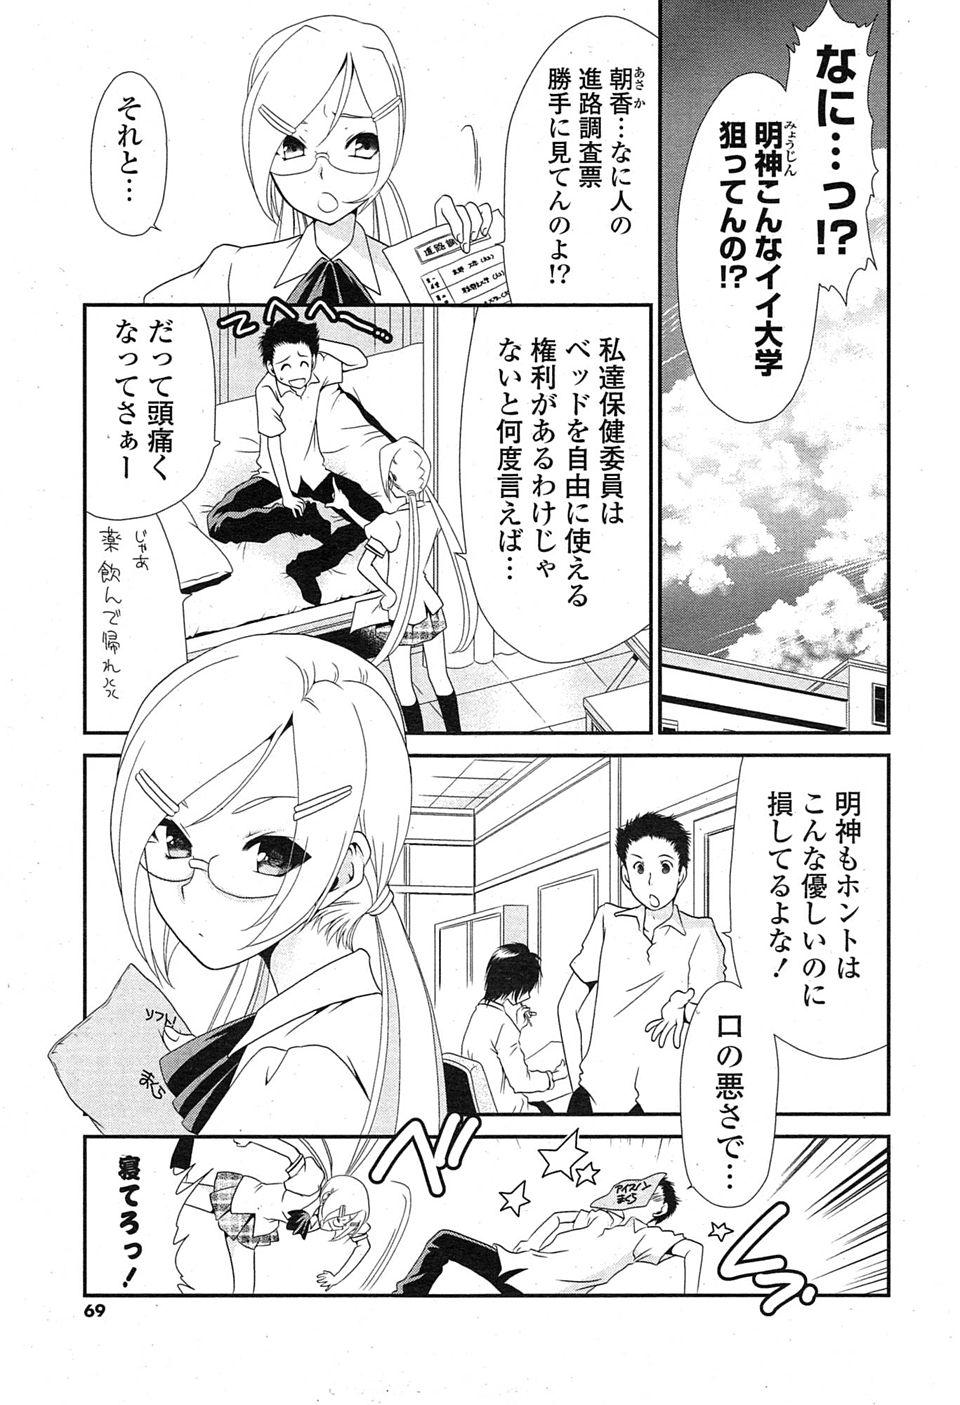 [真田鈴] Don't worry be・・・ (1)